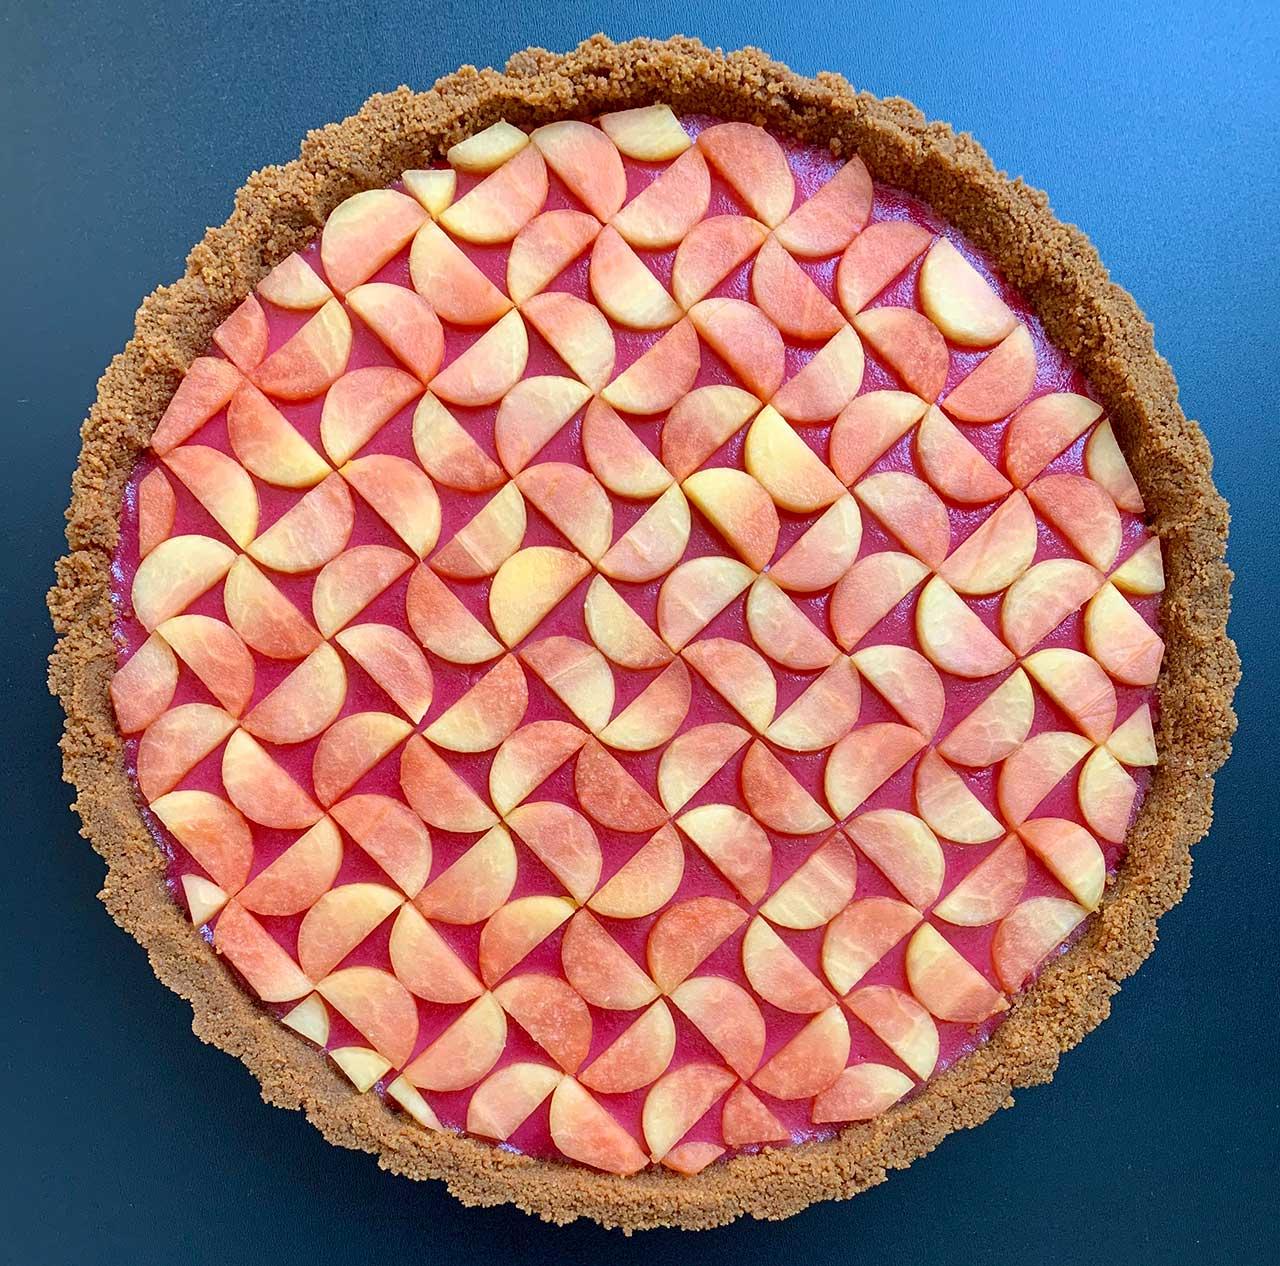 DMTV Milkshake: Lauren Ko on Designing Geometric Deliciousness